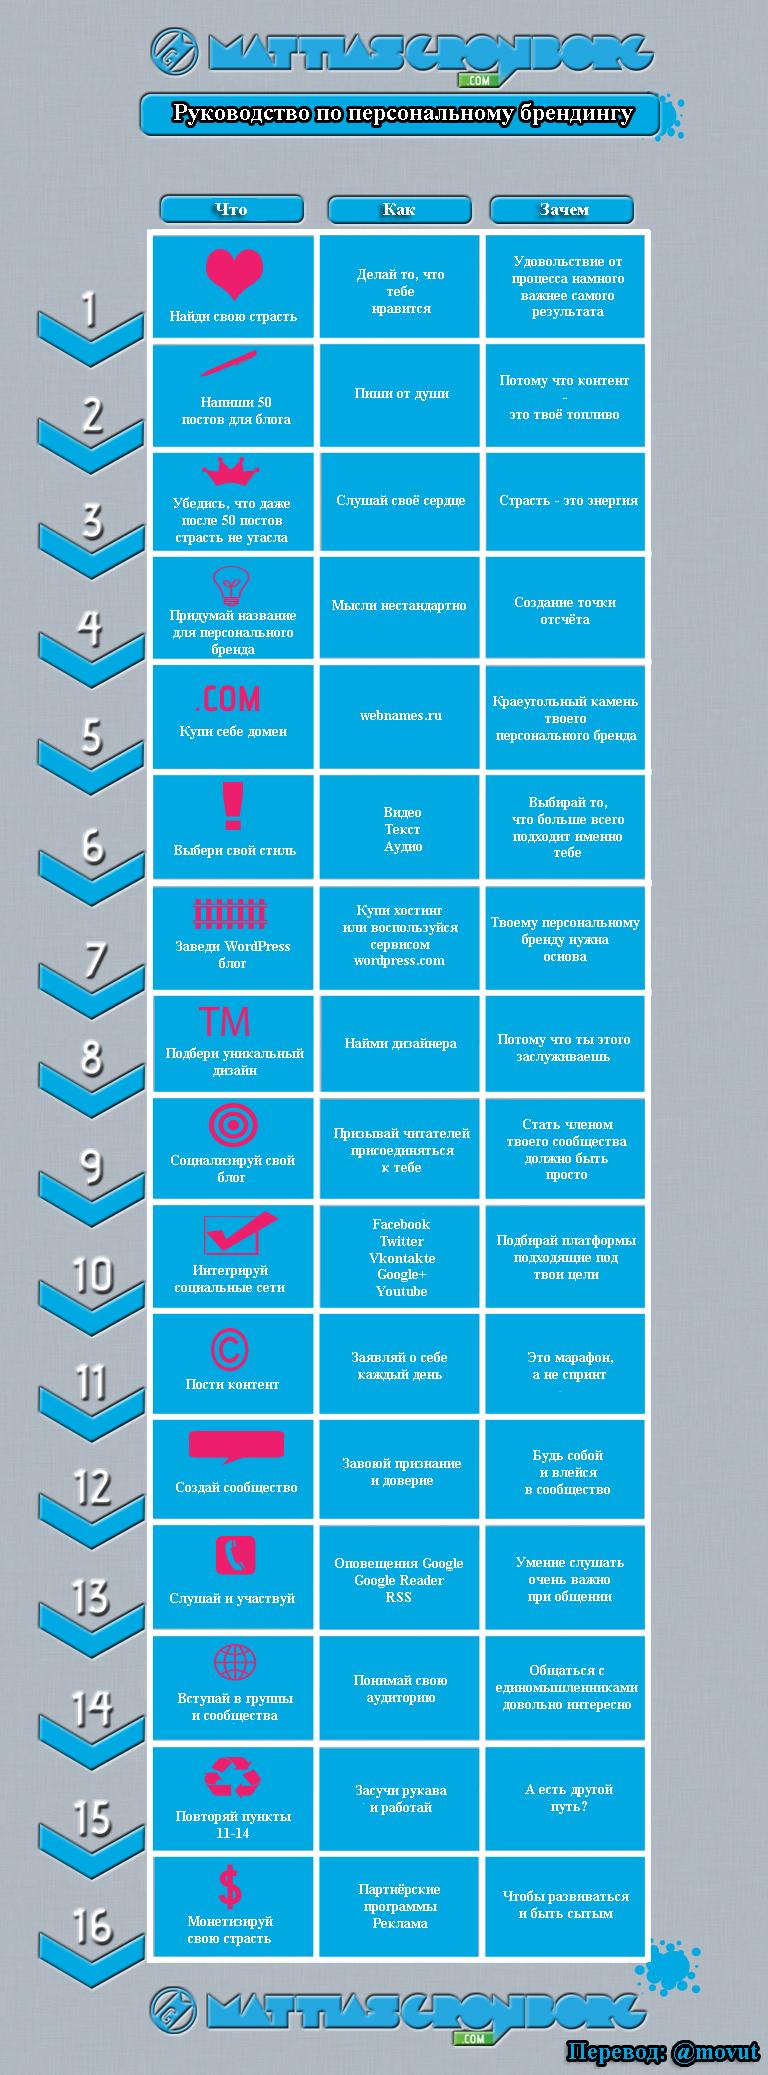 Инфографика: руководство по персональному брендингу